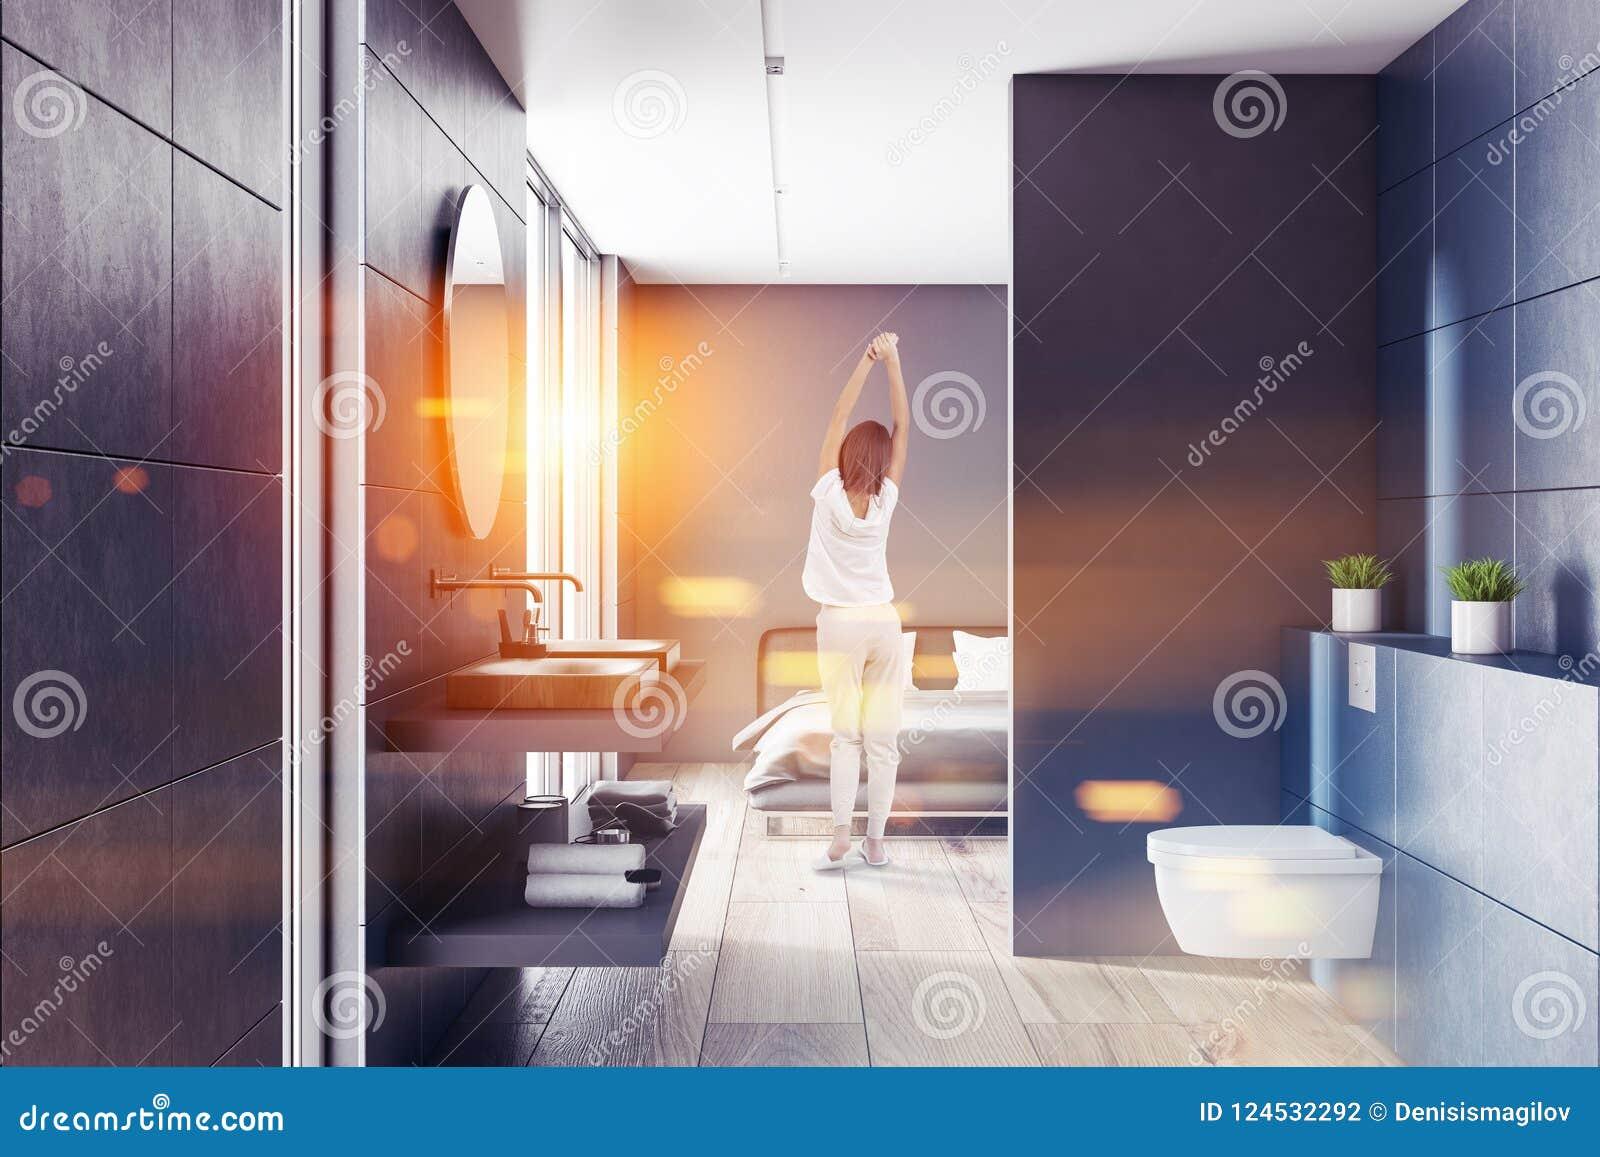 Salle De Bains Bleue, Intérieur Gris De Chambre à Coucher, Femme ...